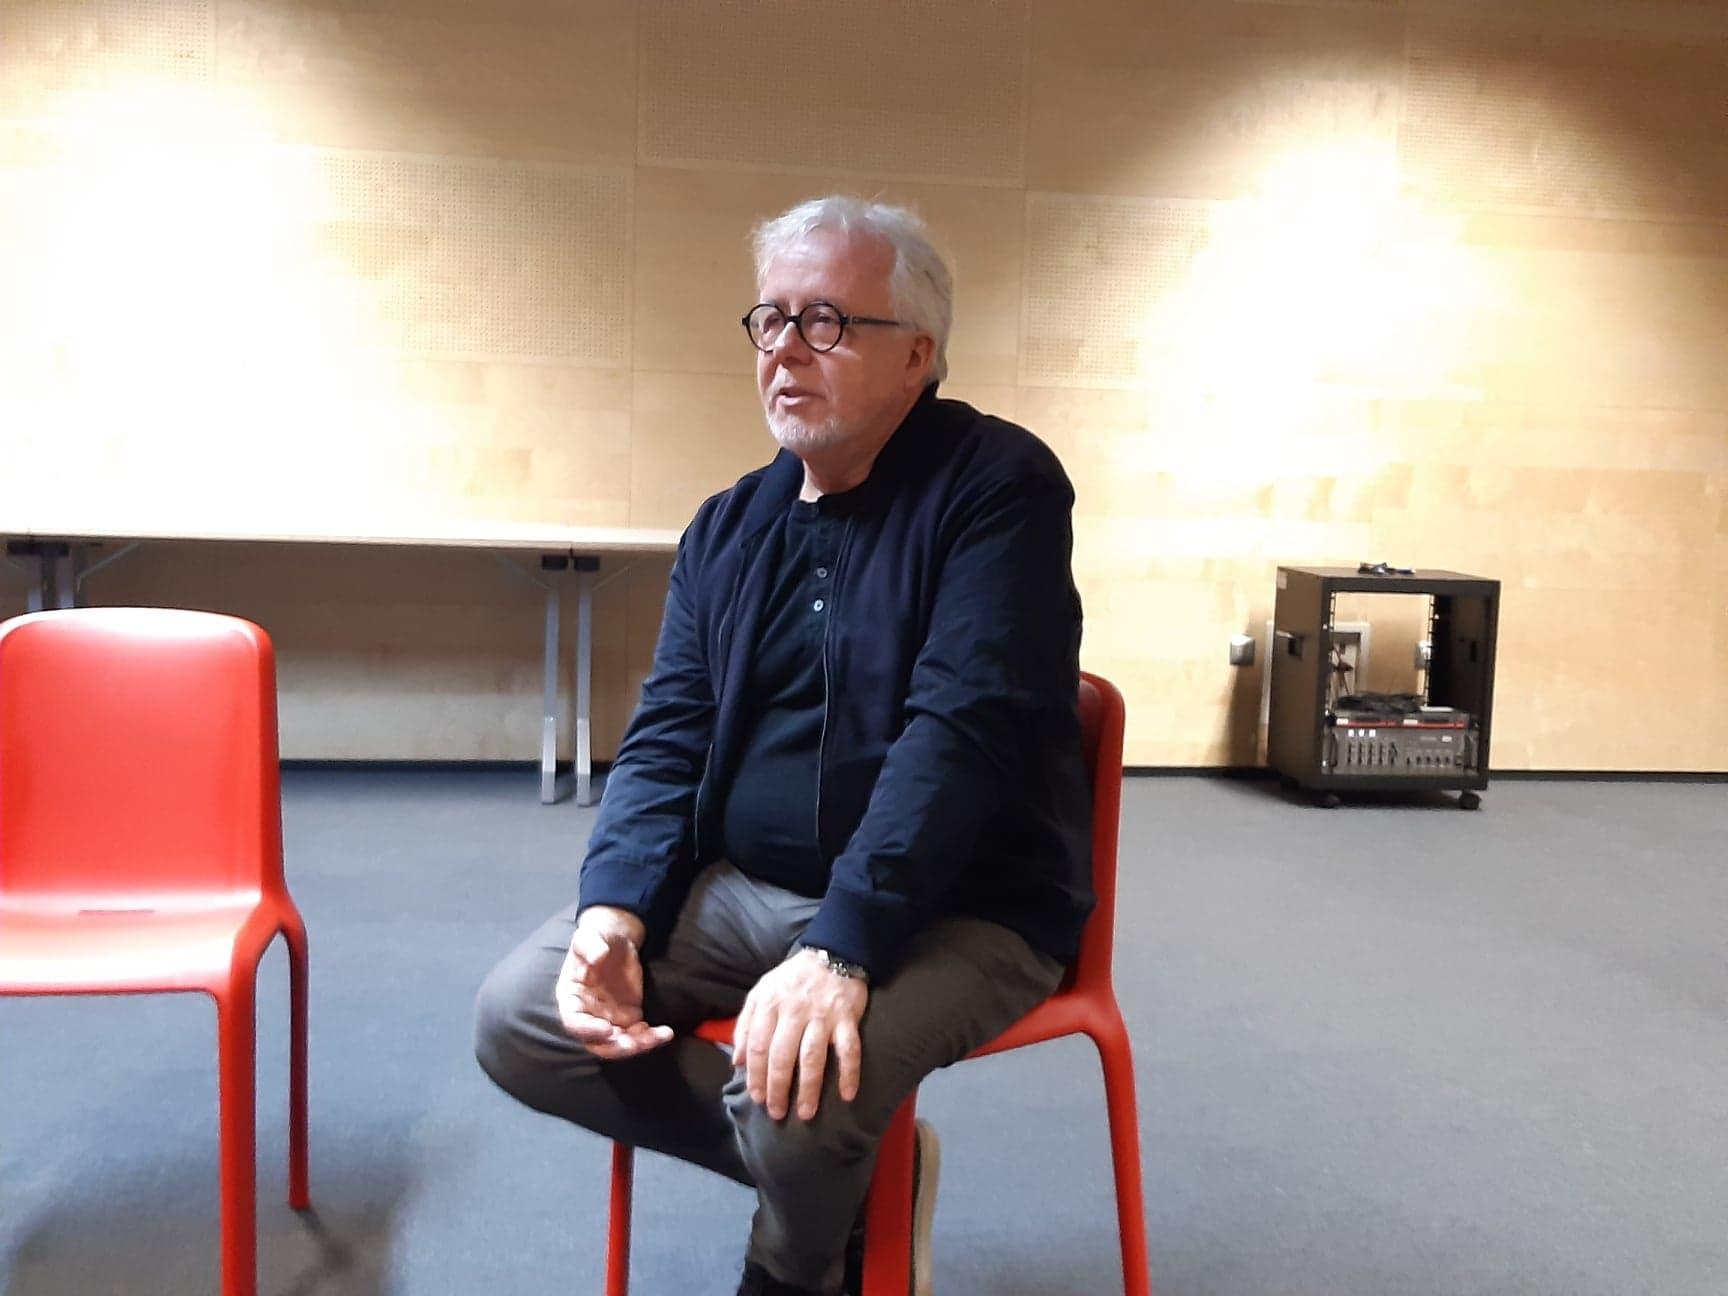 Na zdj. Krzysztof Sarzała, pedagog i trener